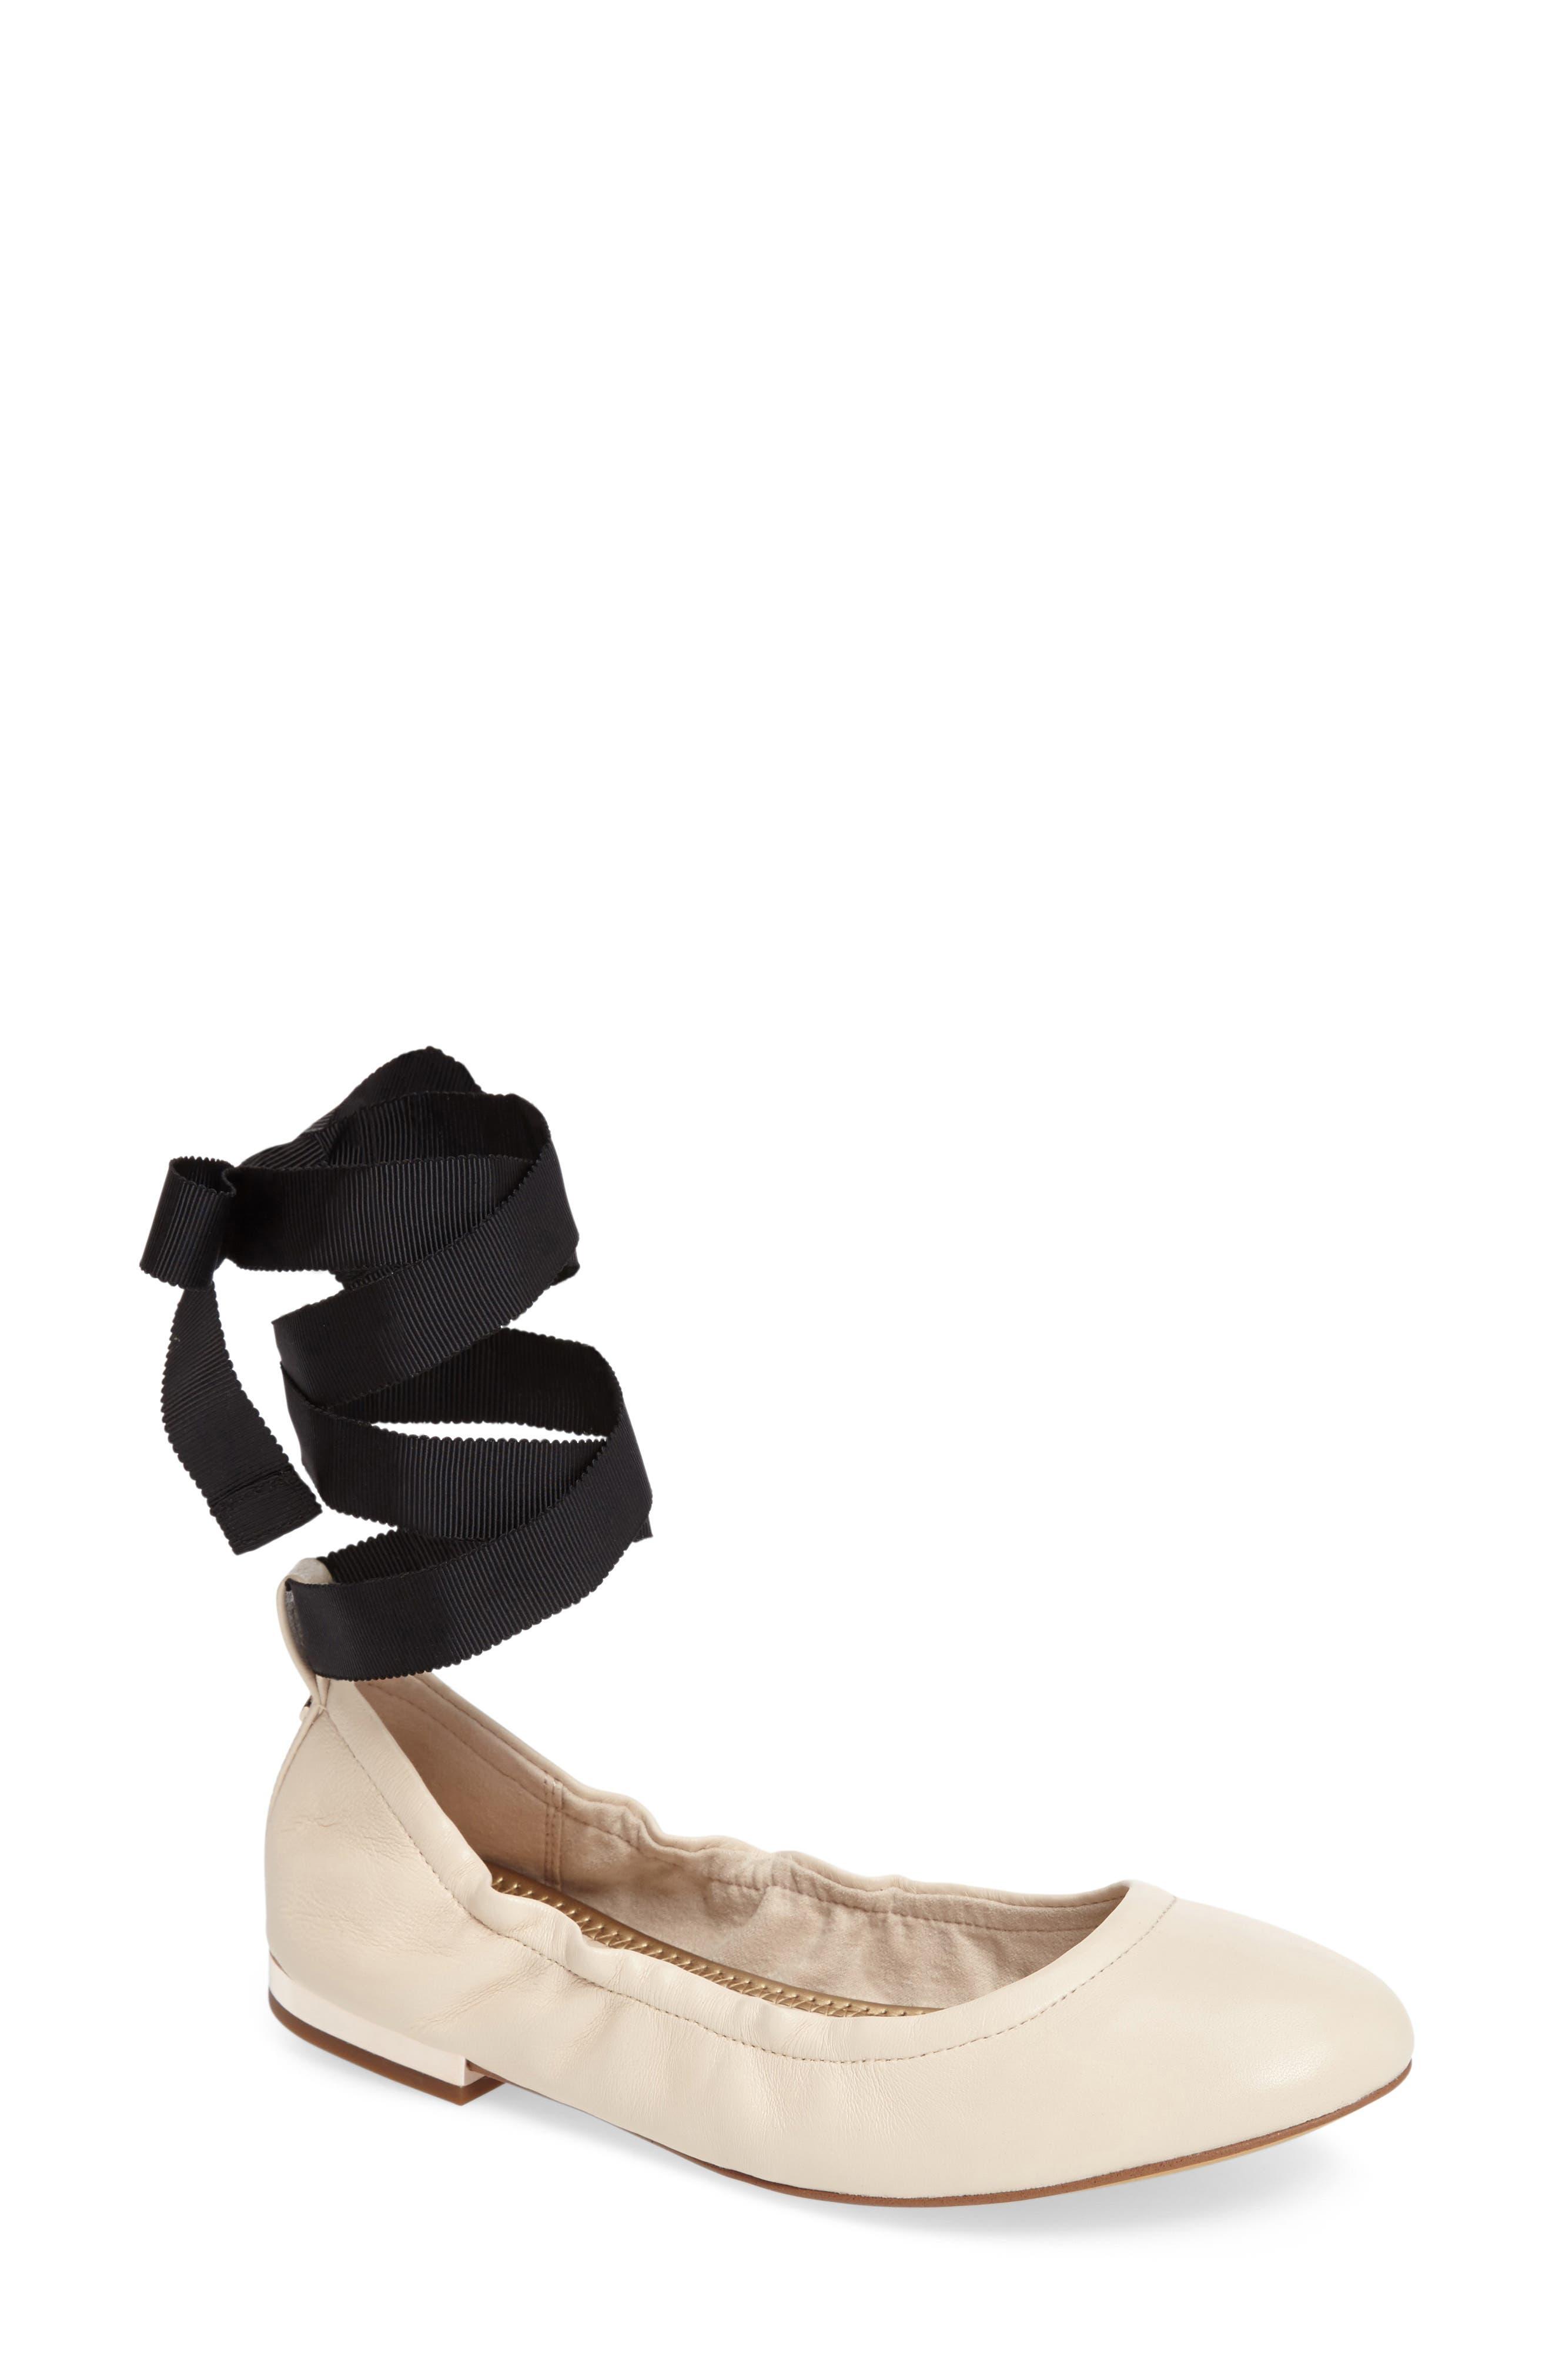 Main Image - Sam Edelman Fallon Wraparound Tie Flat (Women)